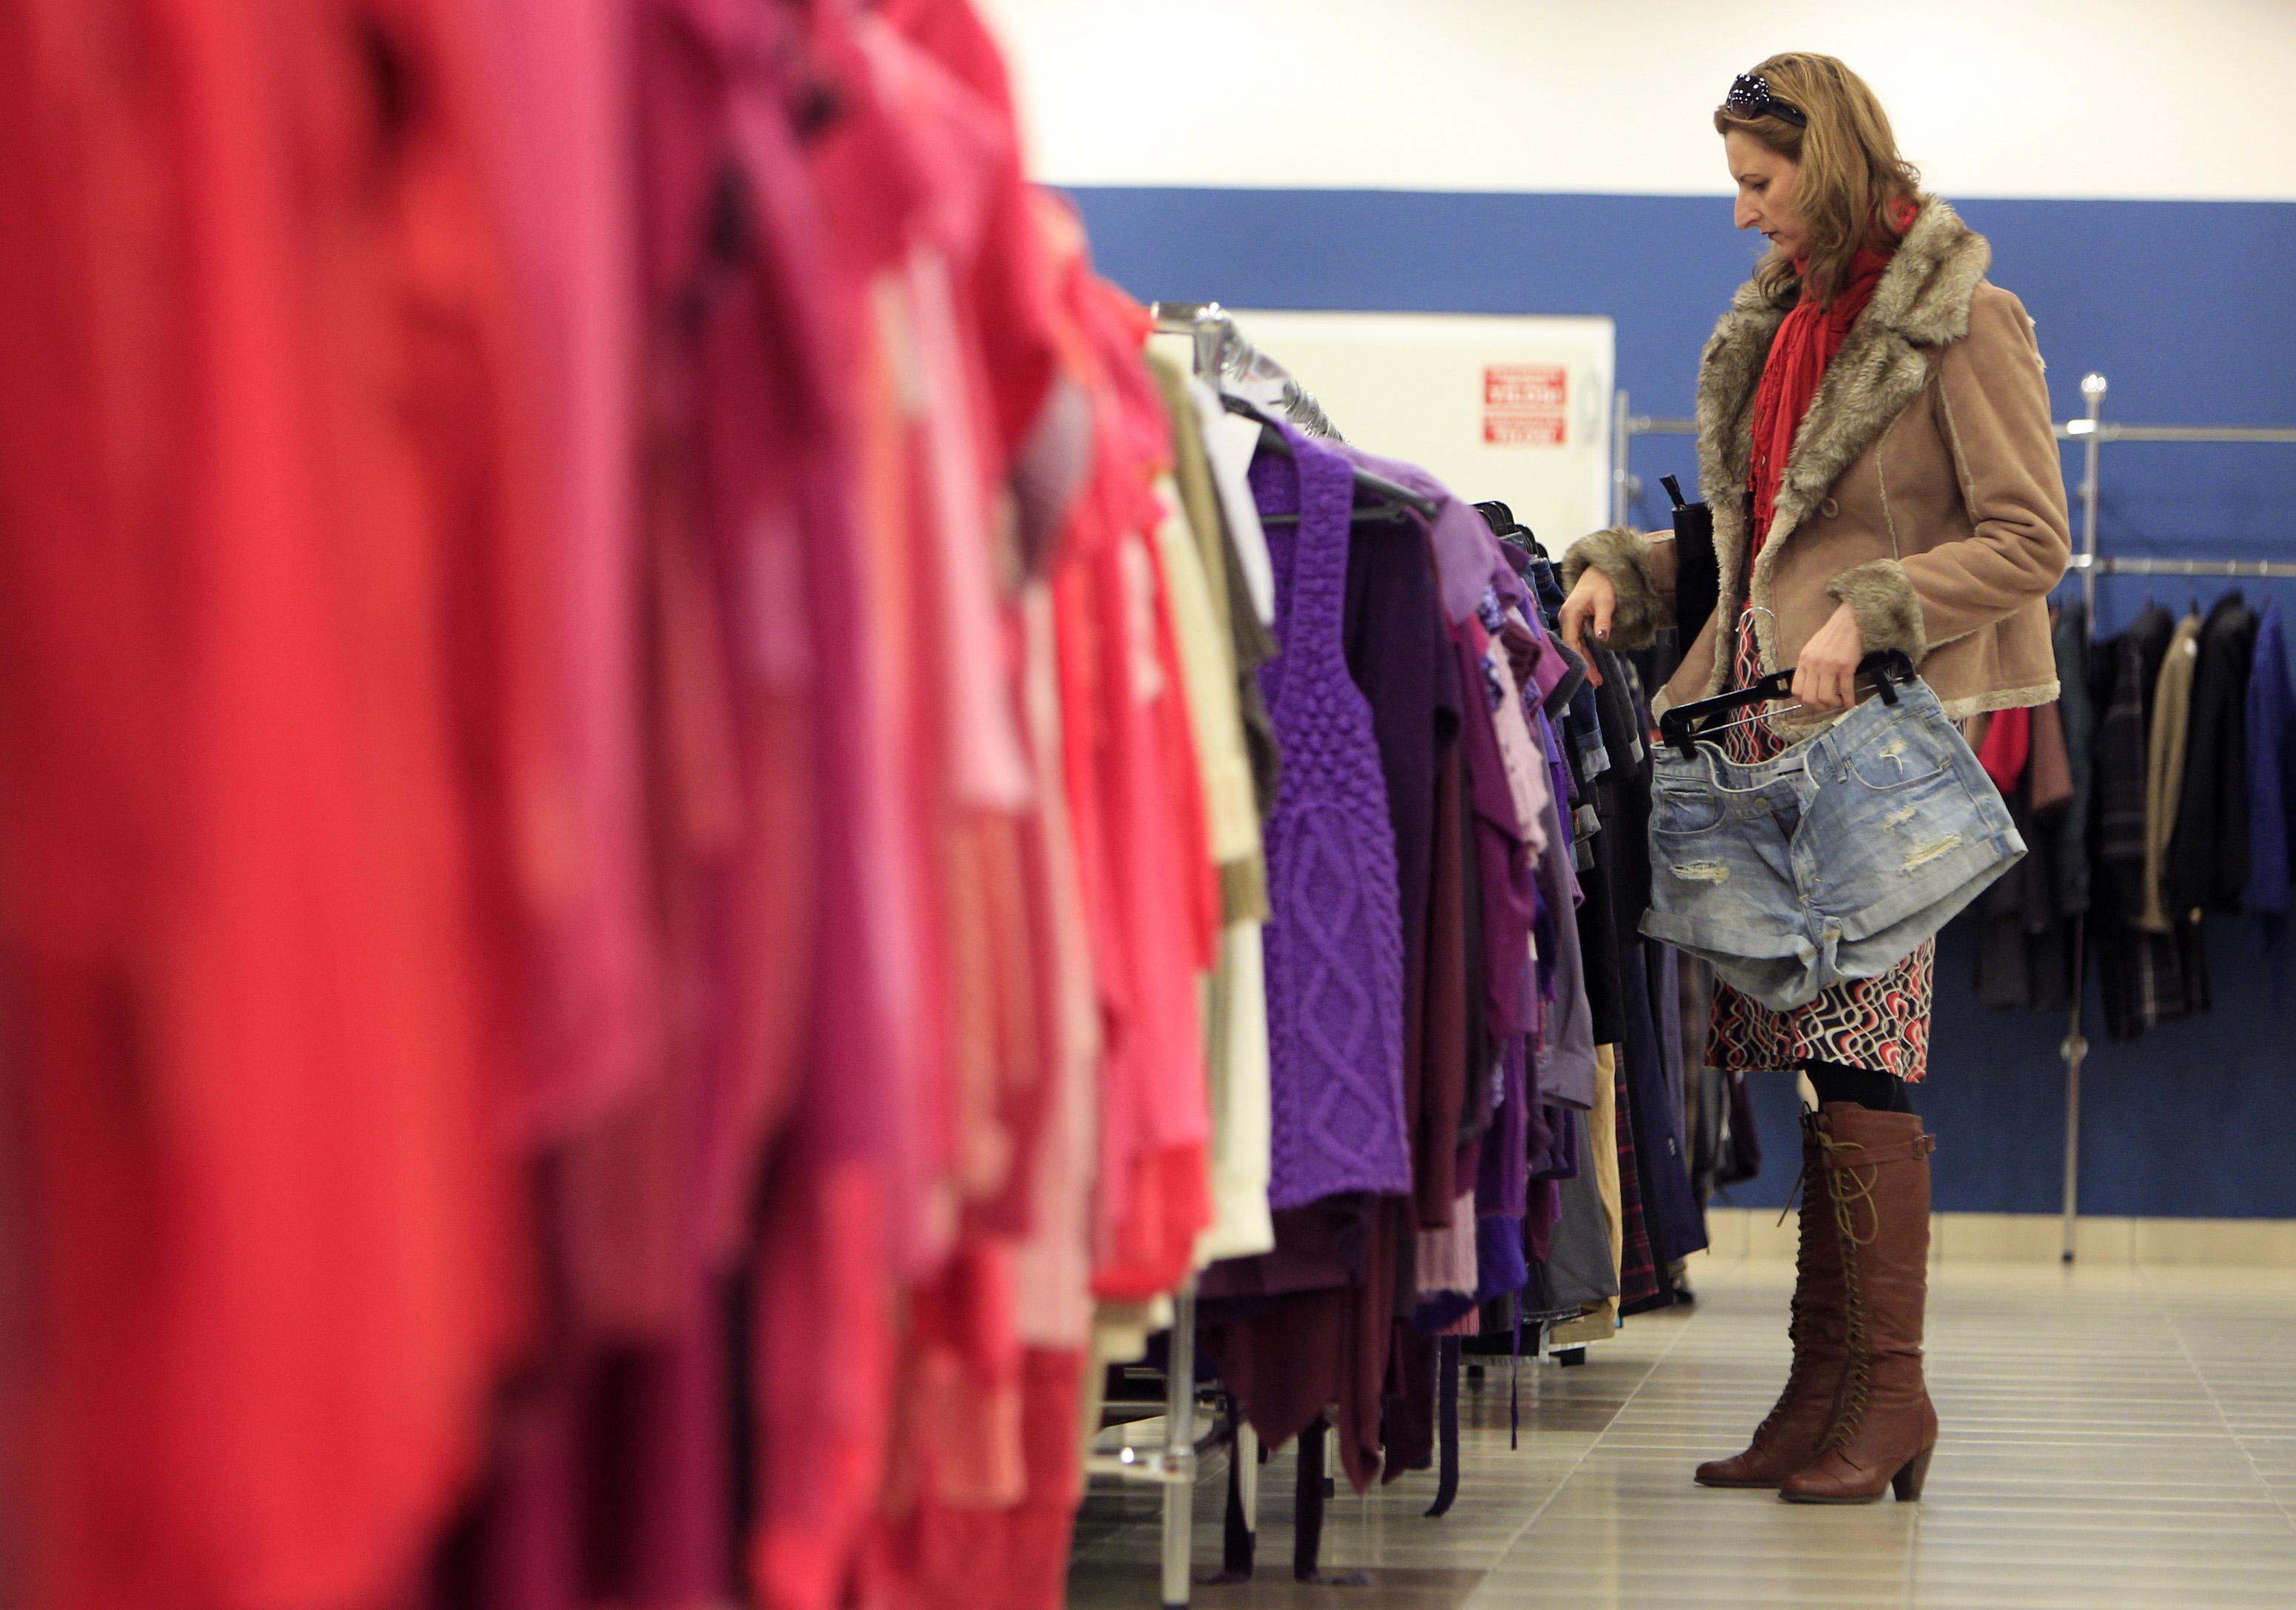 Les vêtements innovants cherchent leur place en magasin aa205528d25